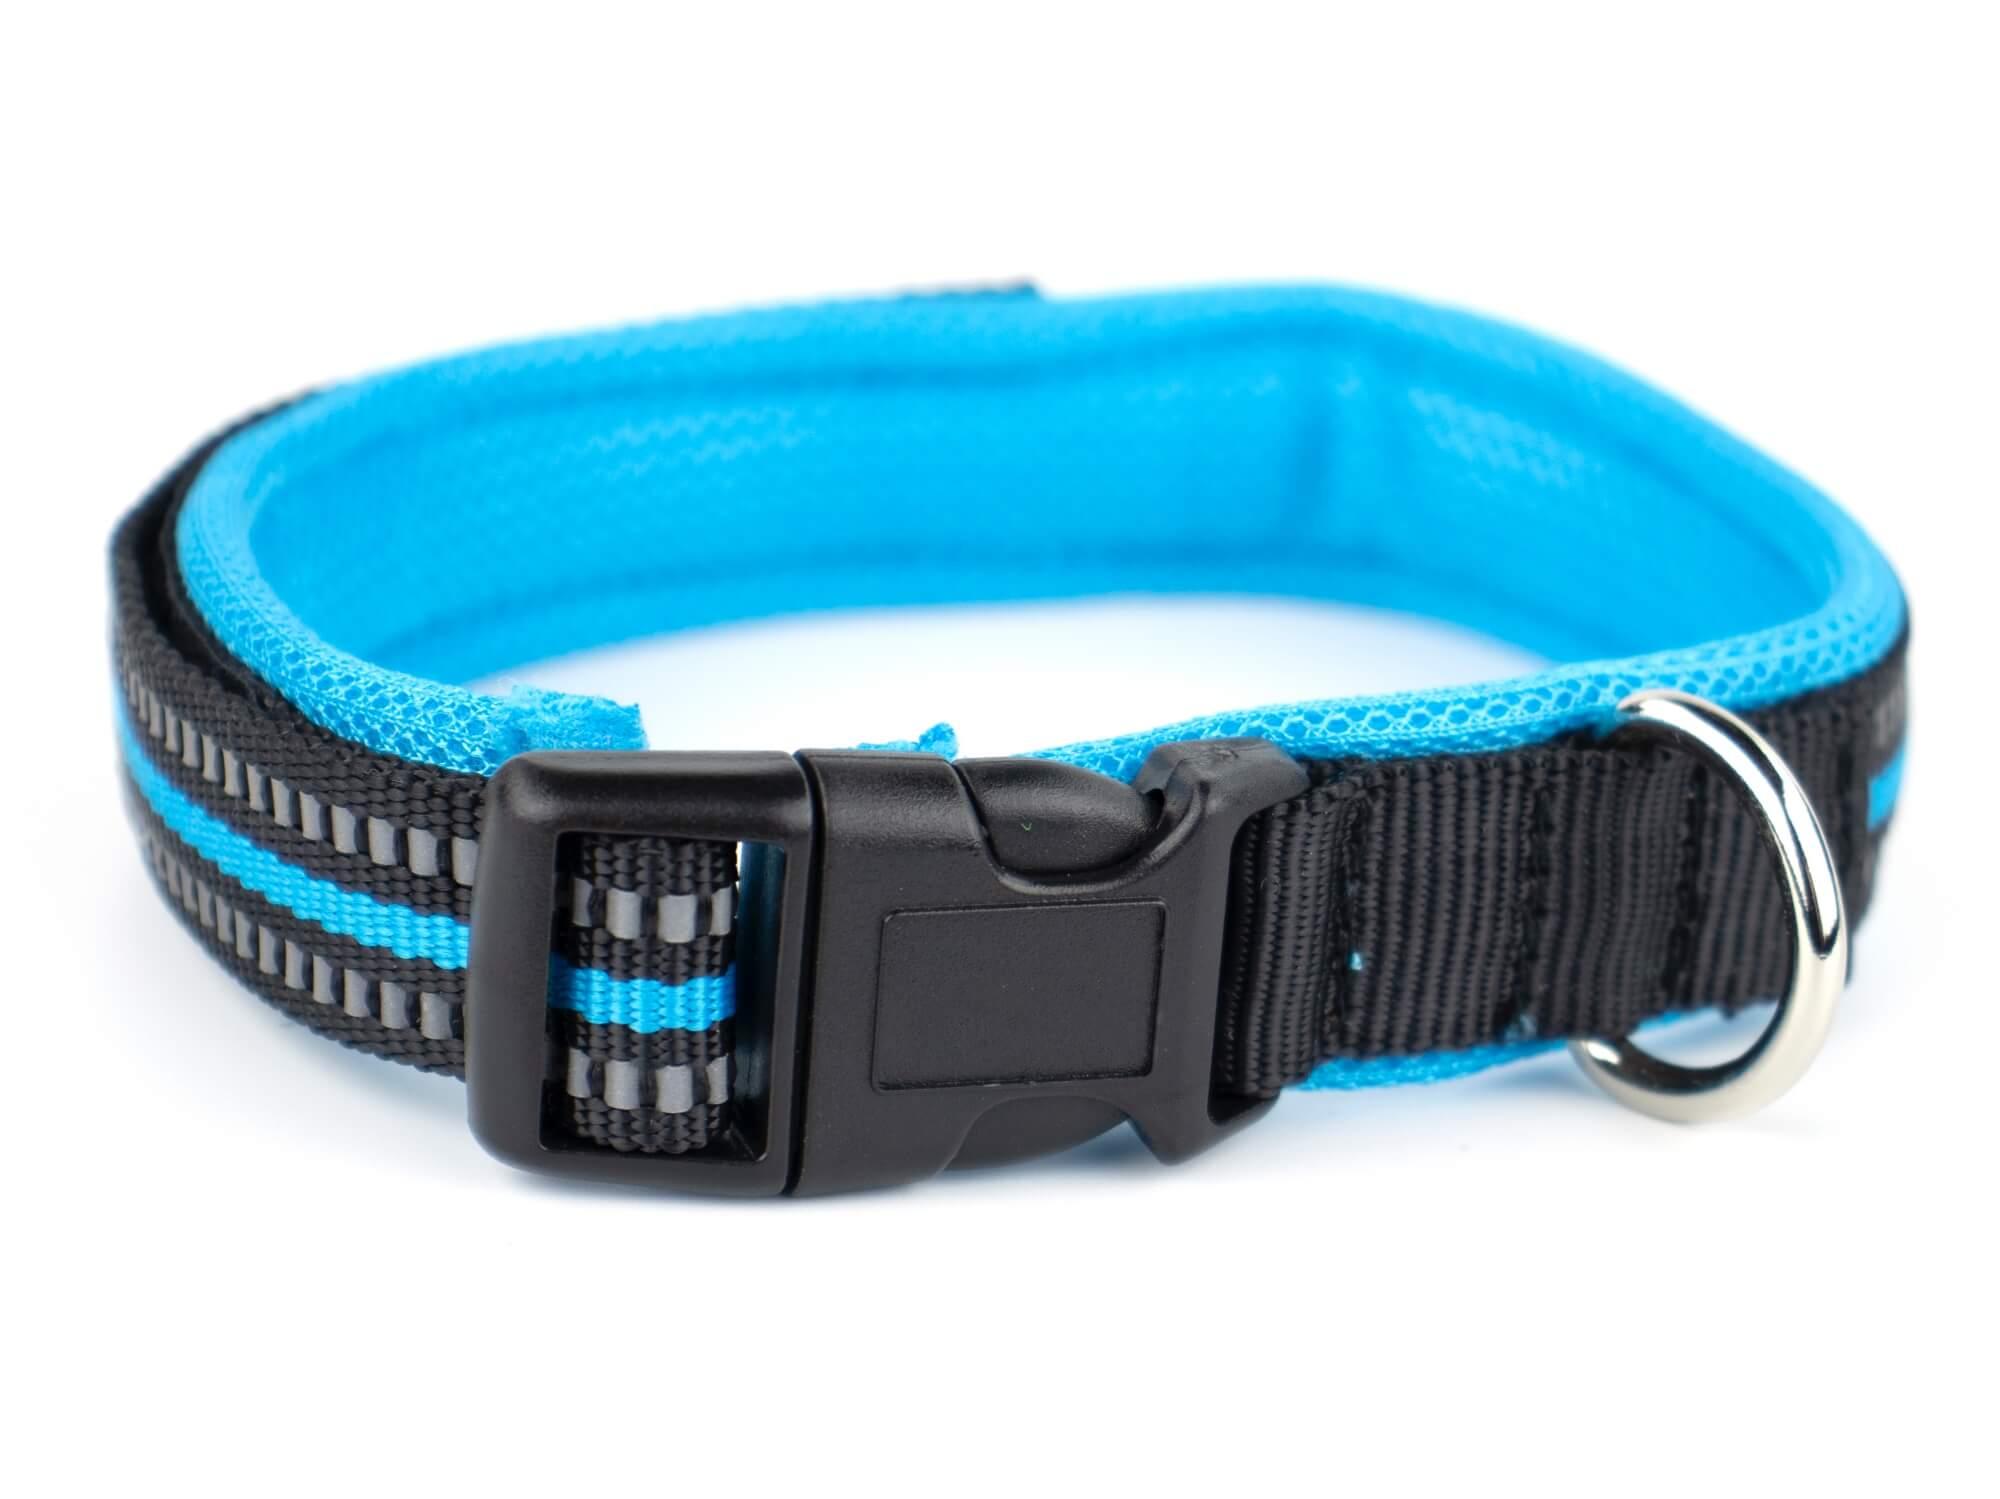 Vsepropejska Lining obojek s podšívkou | 34 - 48 cm Barva: Černo-modrá, Obvod krku: 34 - 39 cm